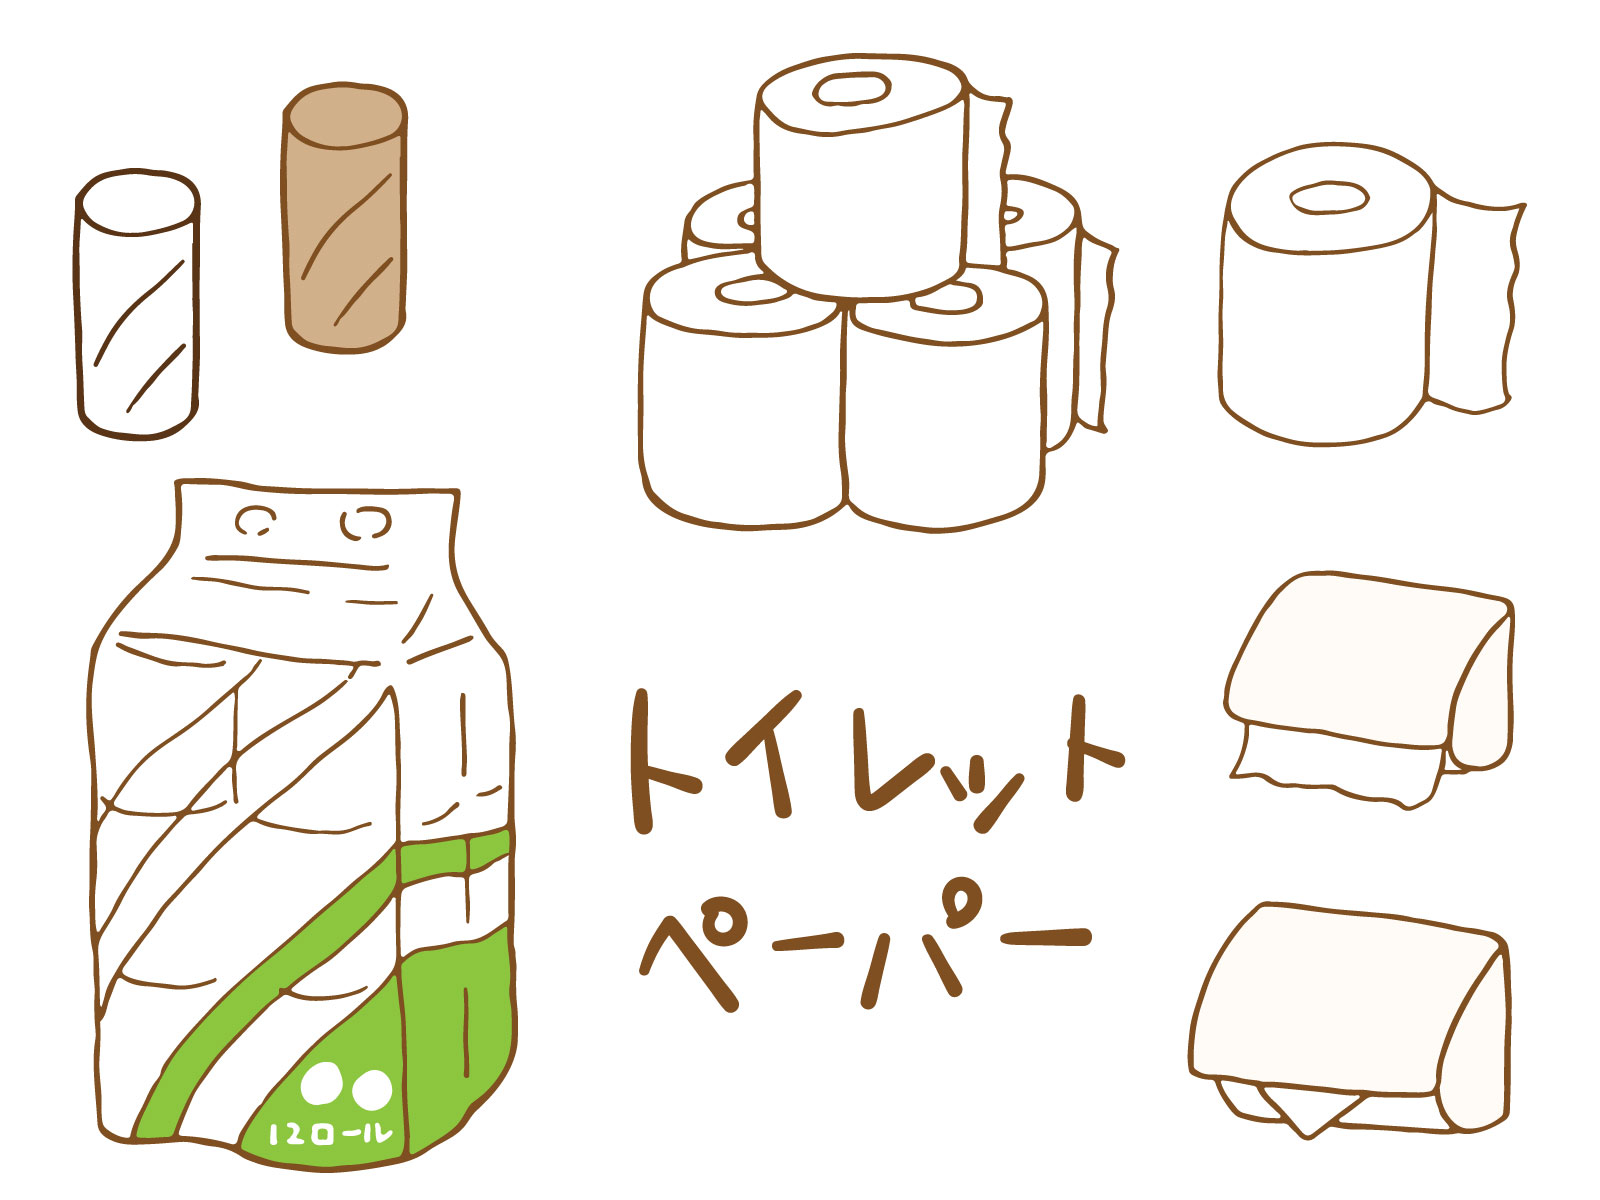 【トイレットペーパーの芯を使ったレク15選】高齢者向け!!おすすめゲームを紹介